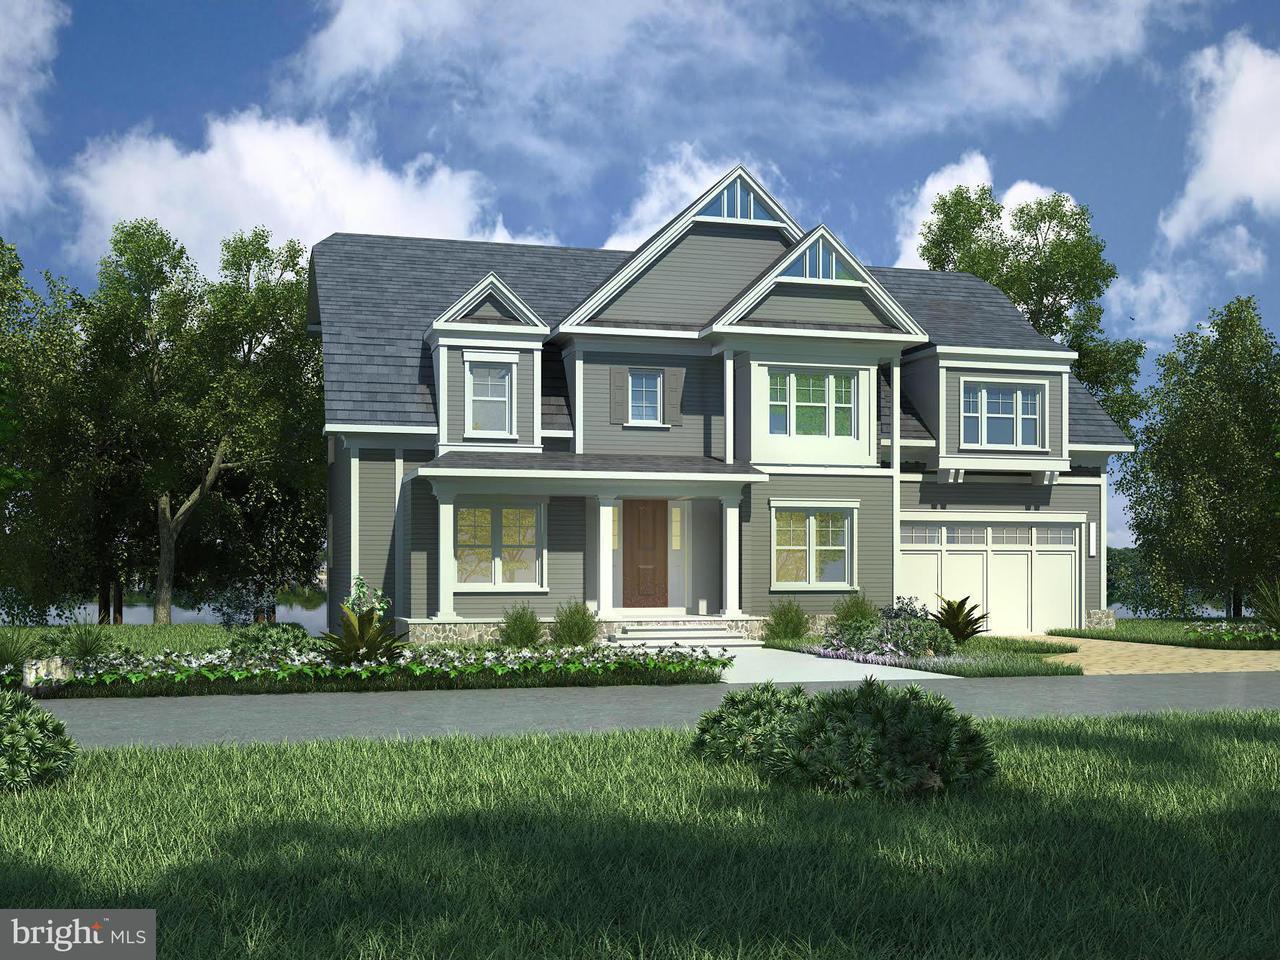 土地 のために 売買 アット 6415 WISCASSET Road 6415 WISCASSET Road Bethesda, メリーランド 20816 アメリカ合衆国